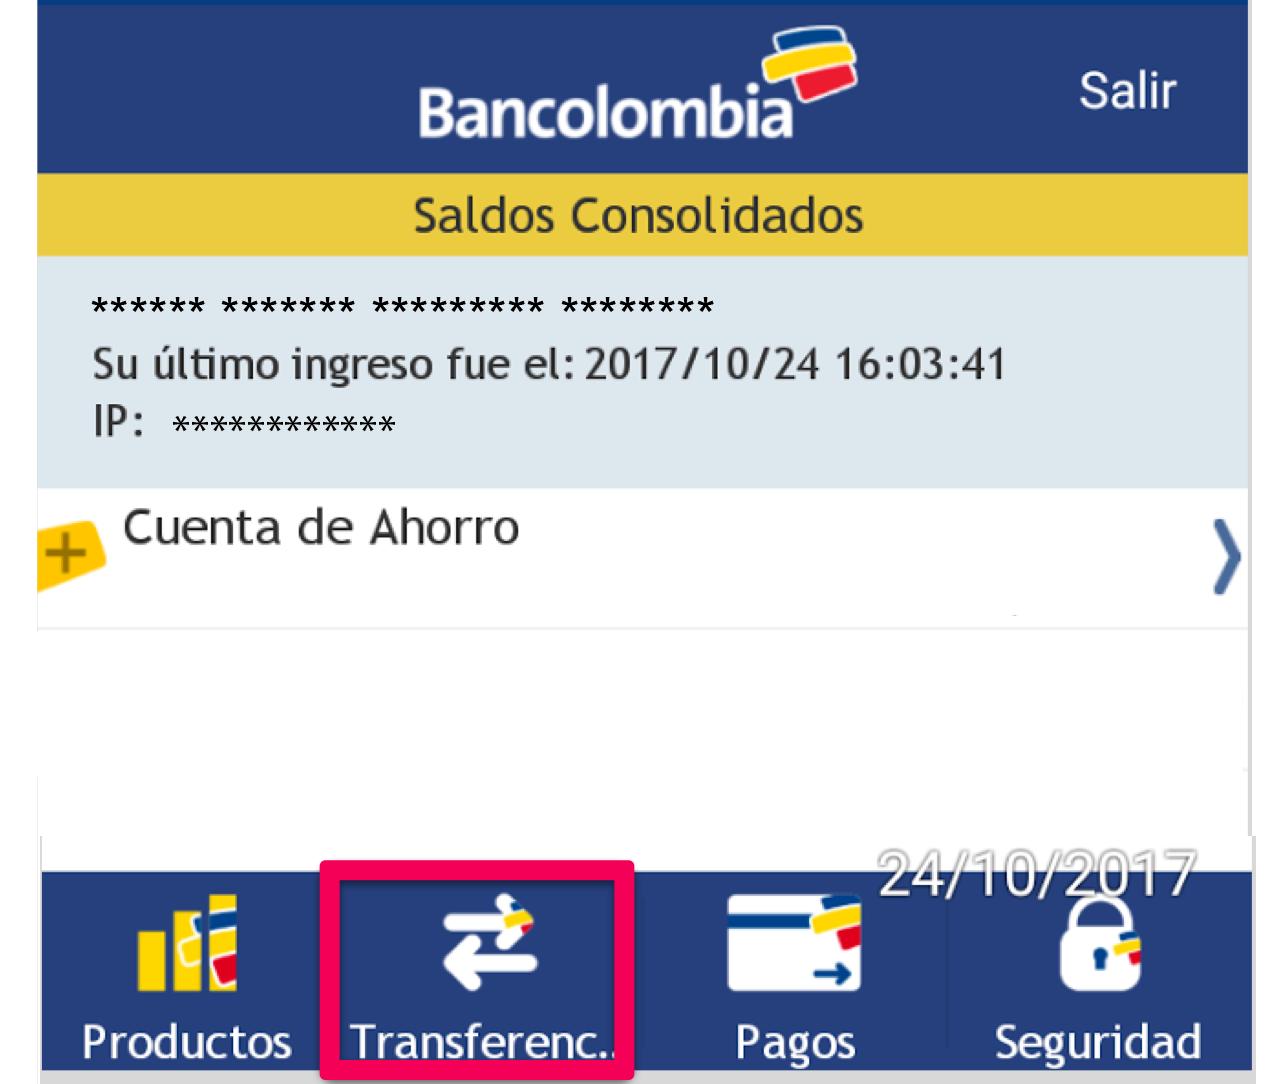 Transferir Plata Desde Bancolombia A Nequi Centro De Ayuda